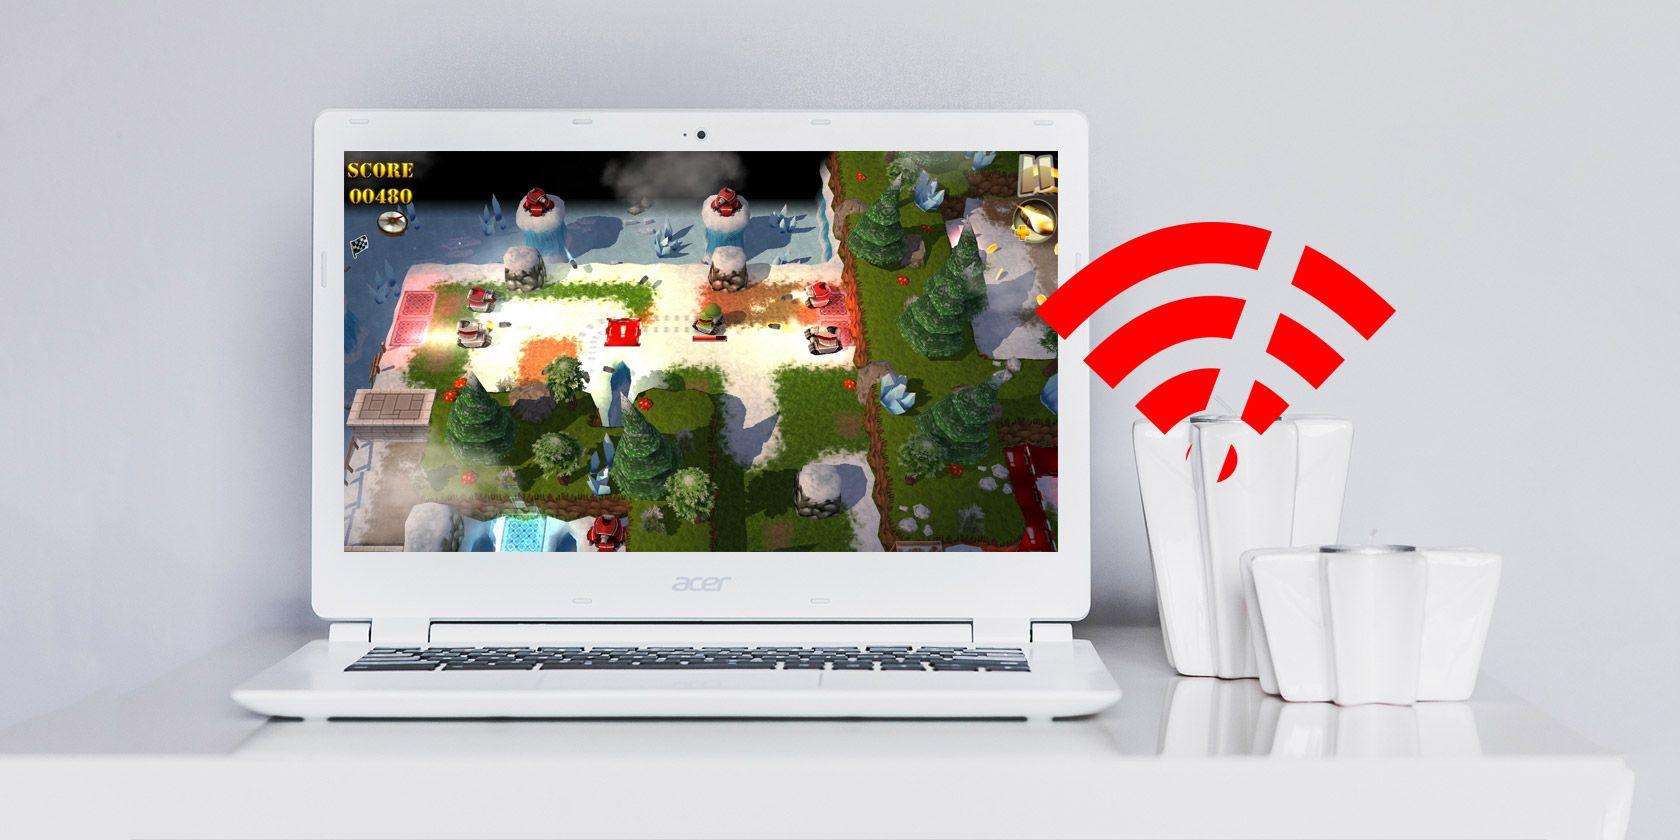 No Internet? 10 Awesome Free Chrome Games to Play Offline